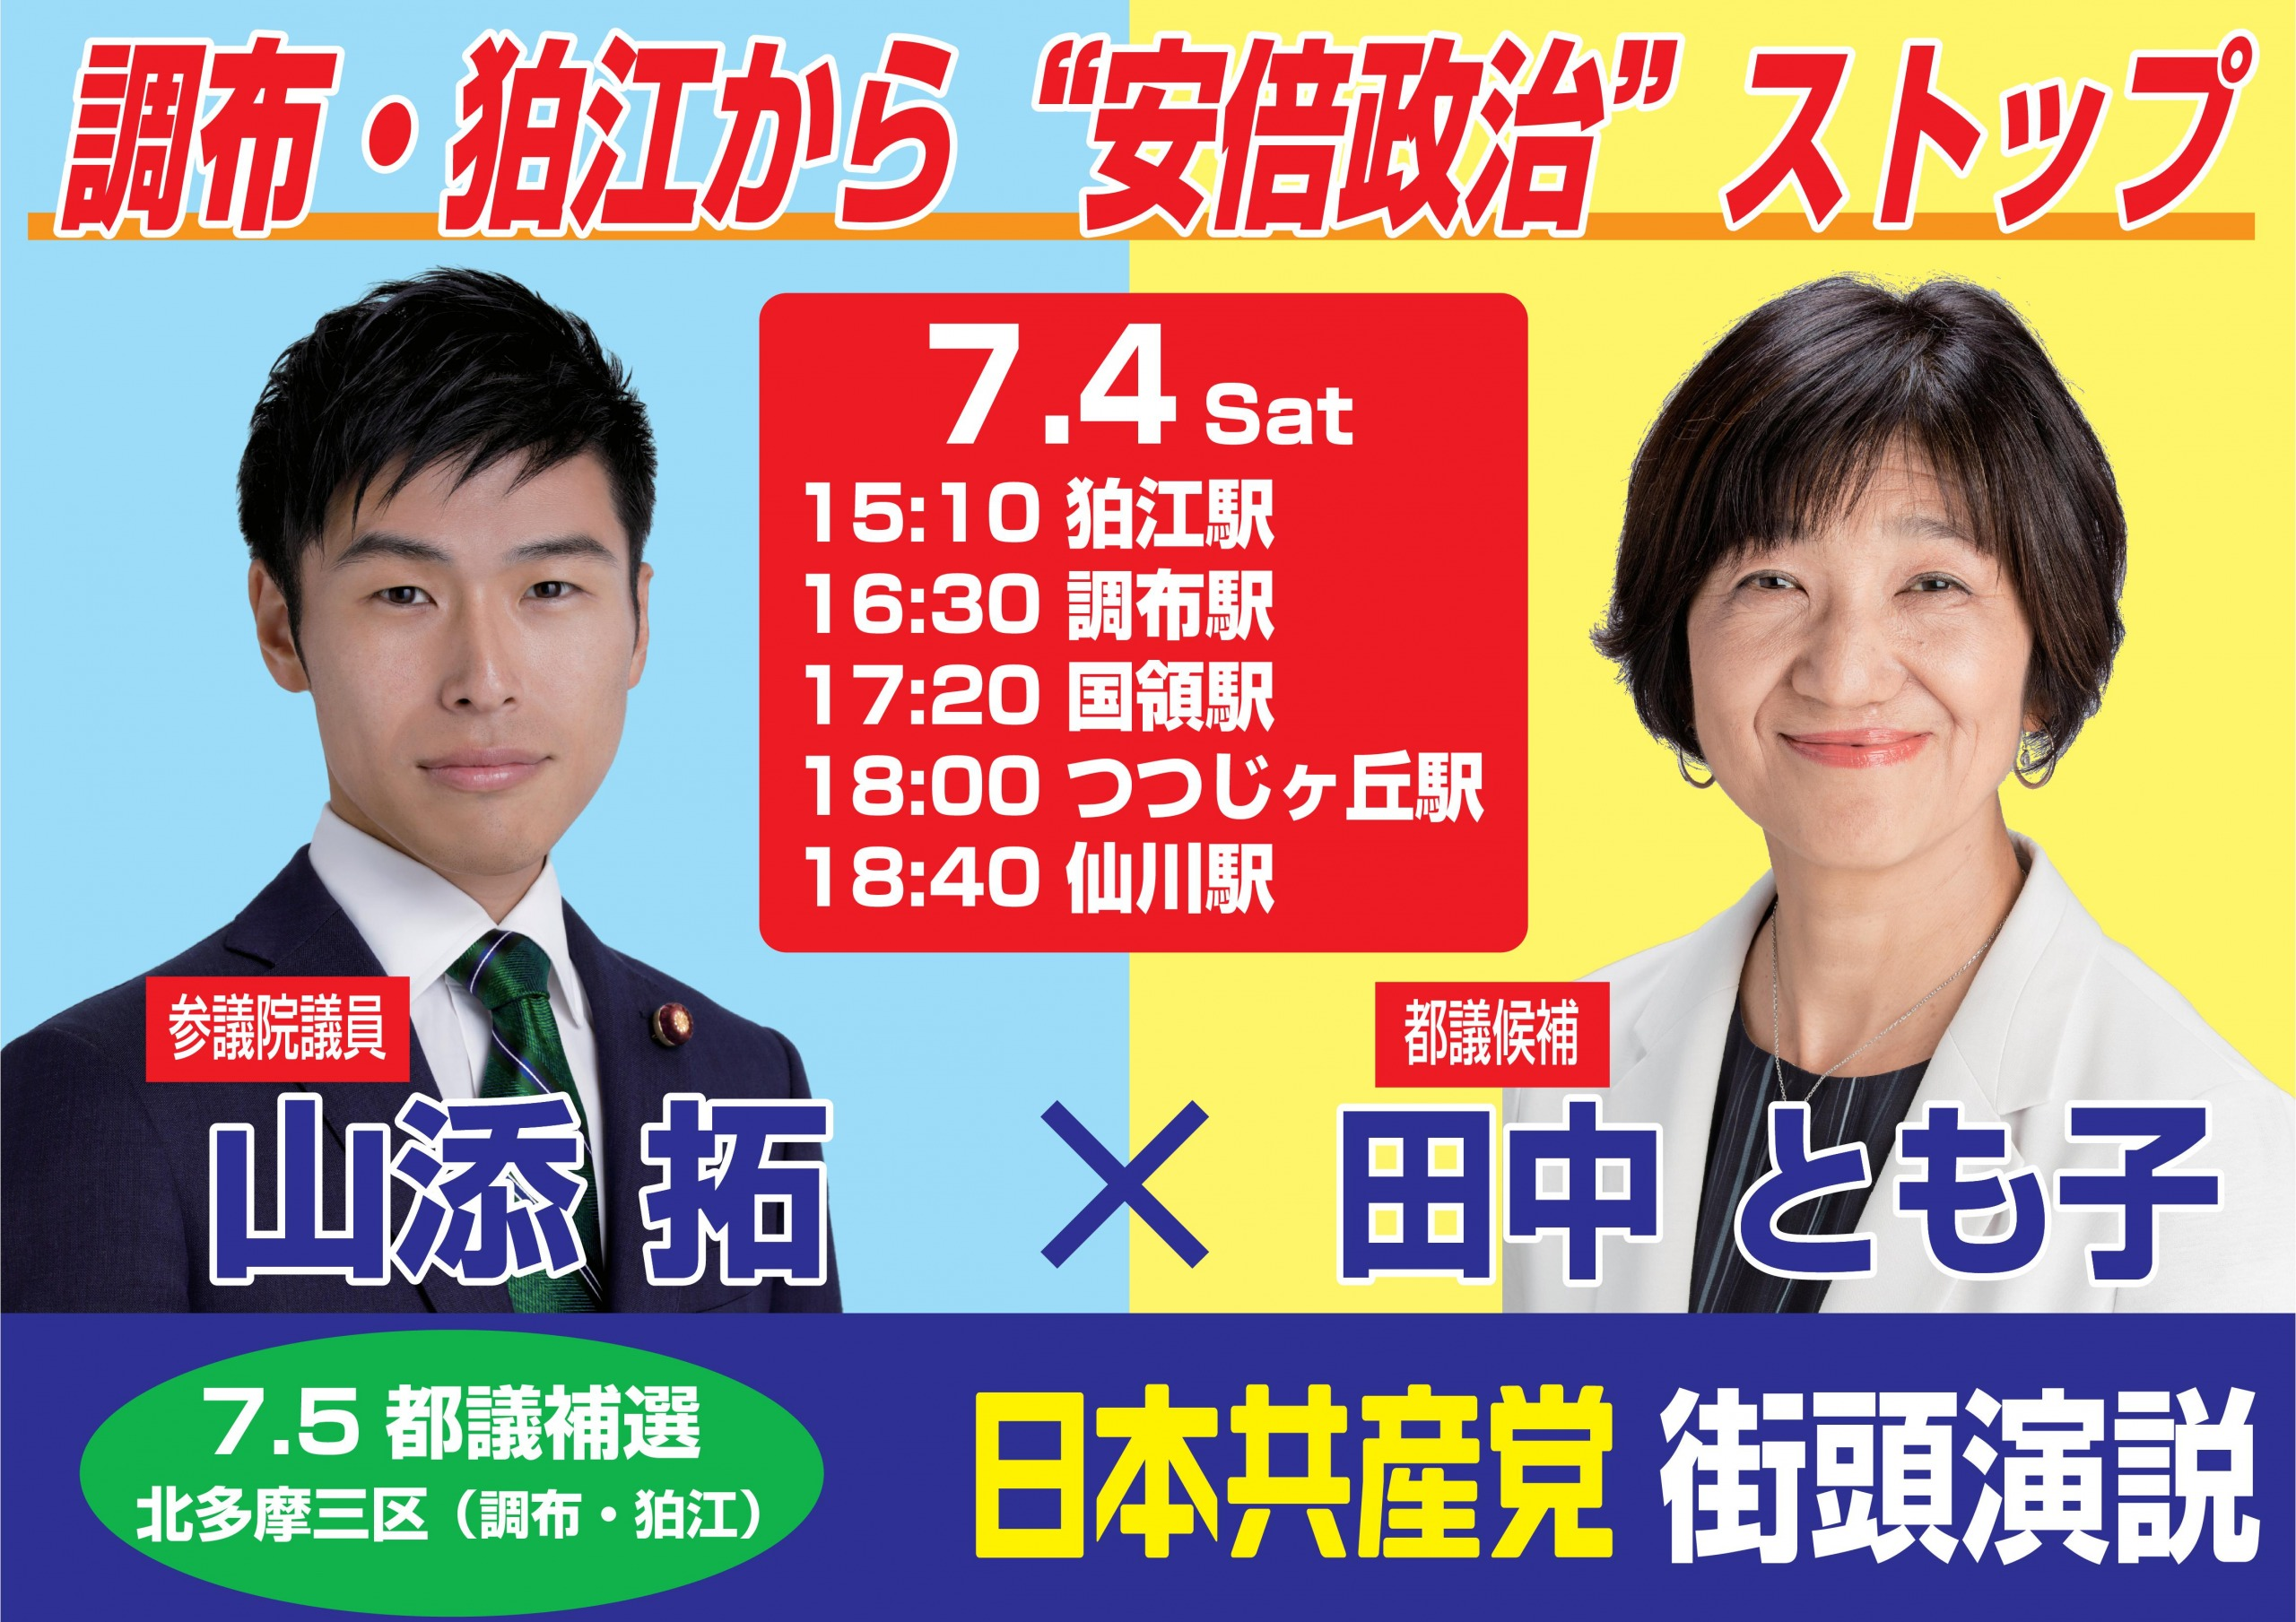 7.4田中・山添ラストラン宣伝-全駅中継あり